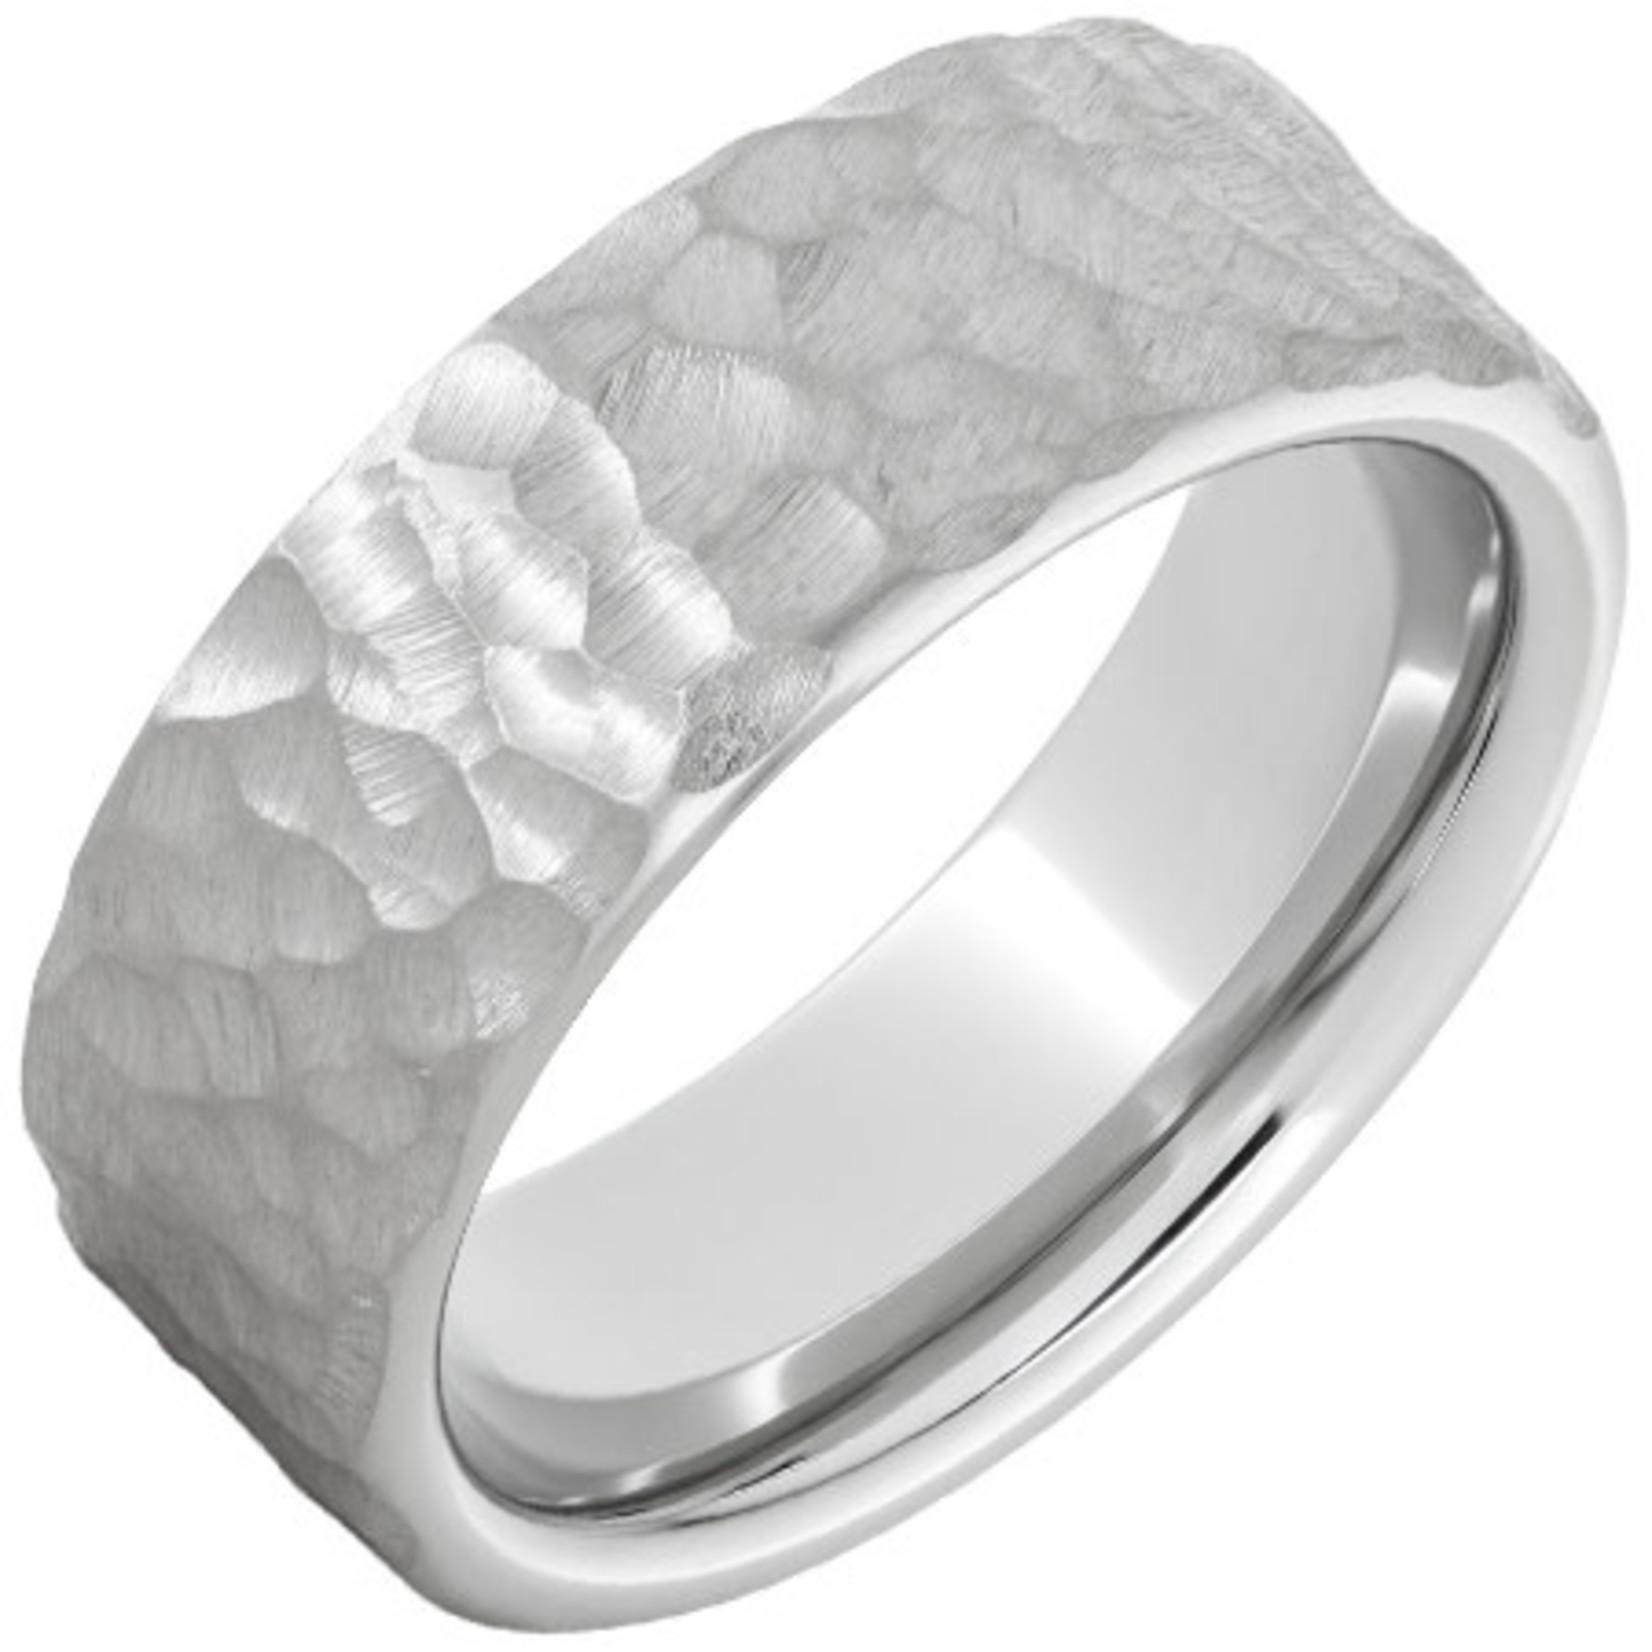 Serinium Wedding Bands Thor—Serinium® Pipe Cut Band